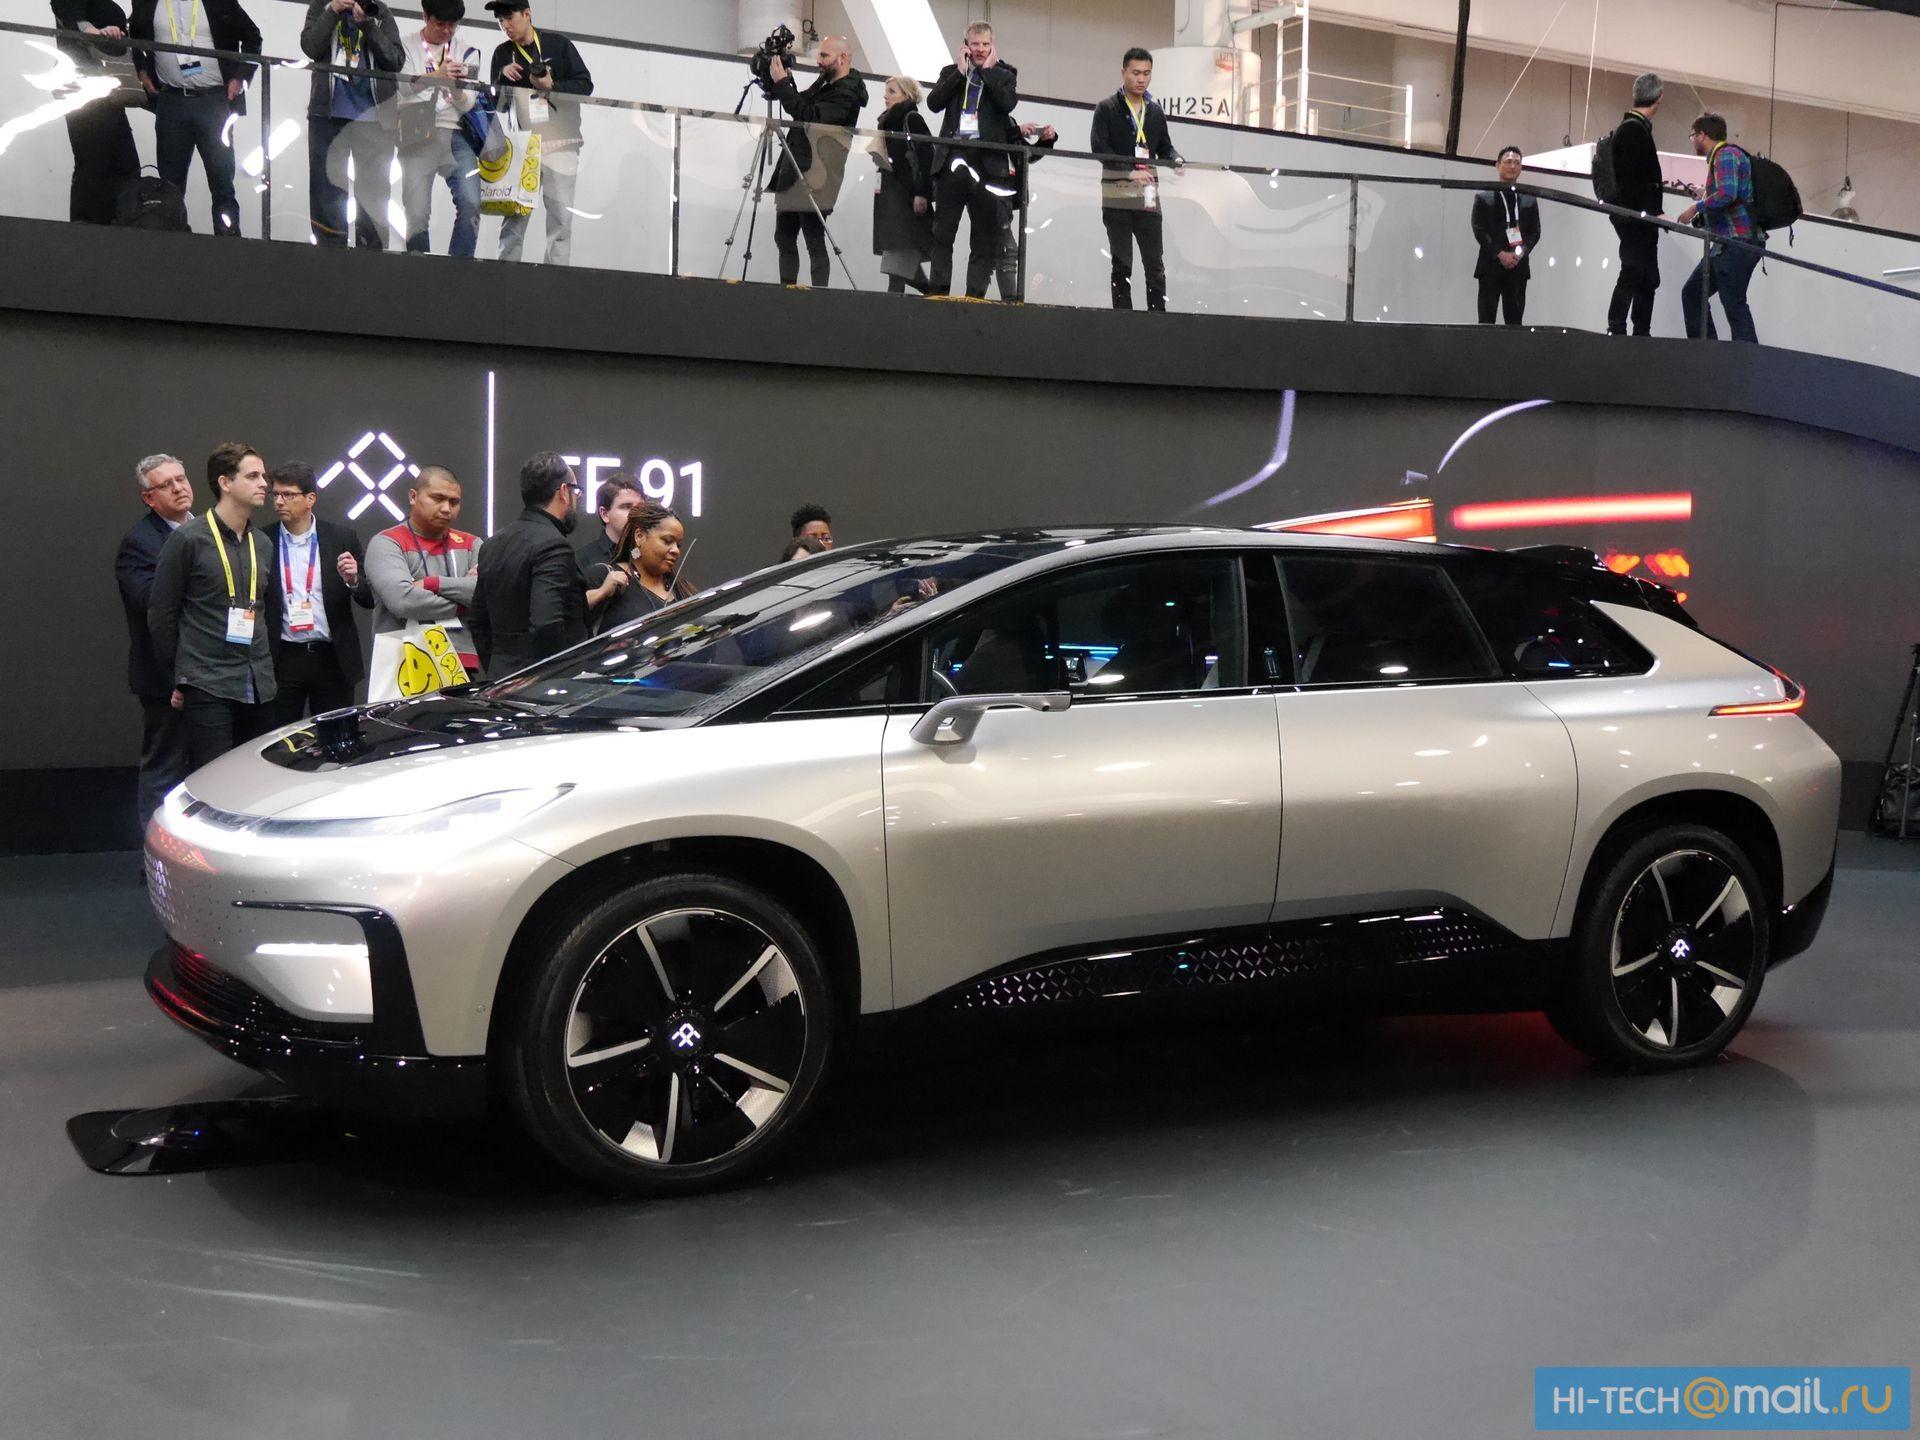 Будущее автомобилей на CES 2017 - 9